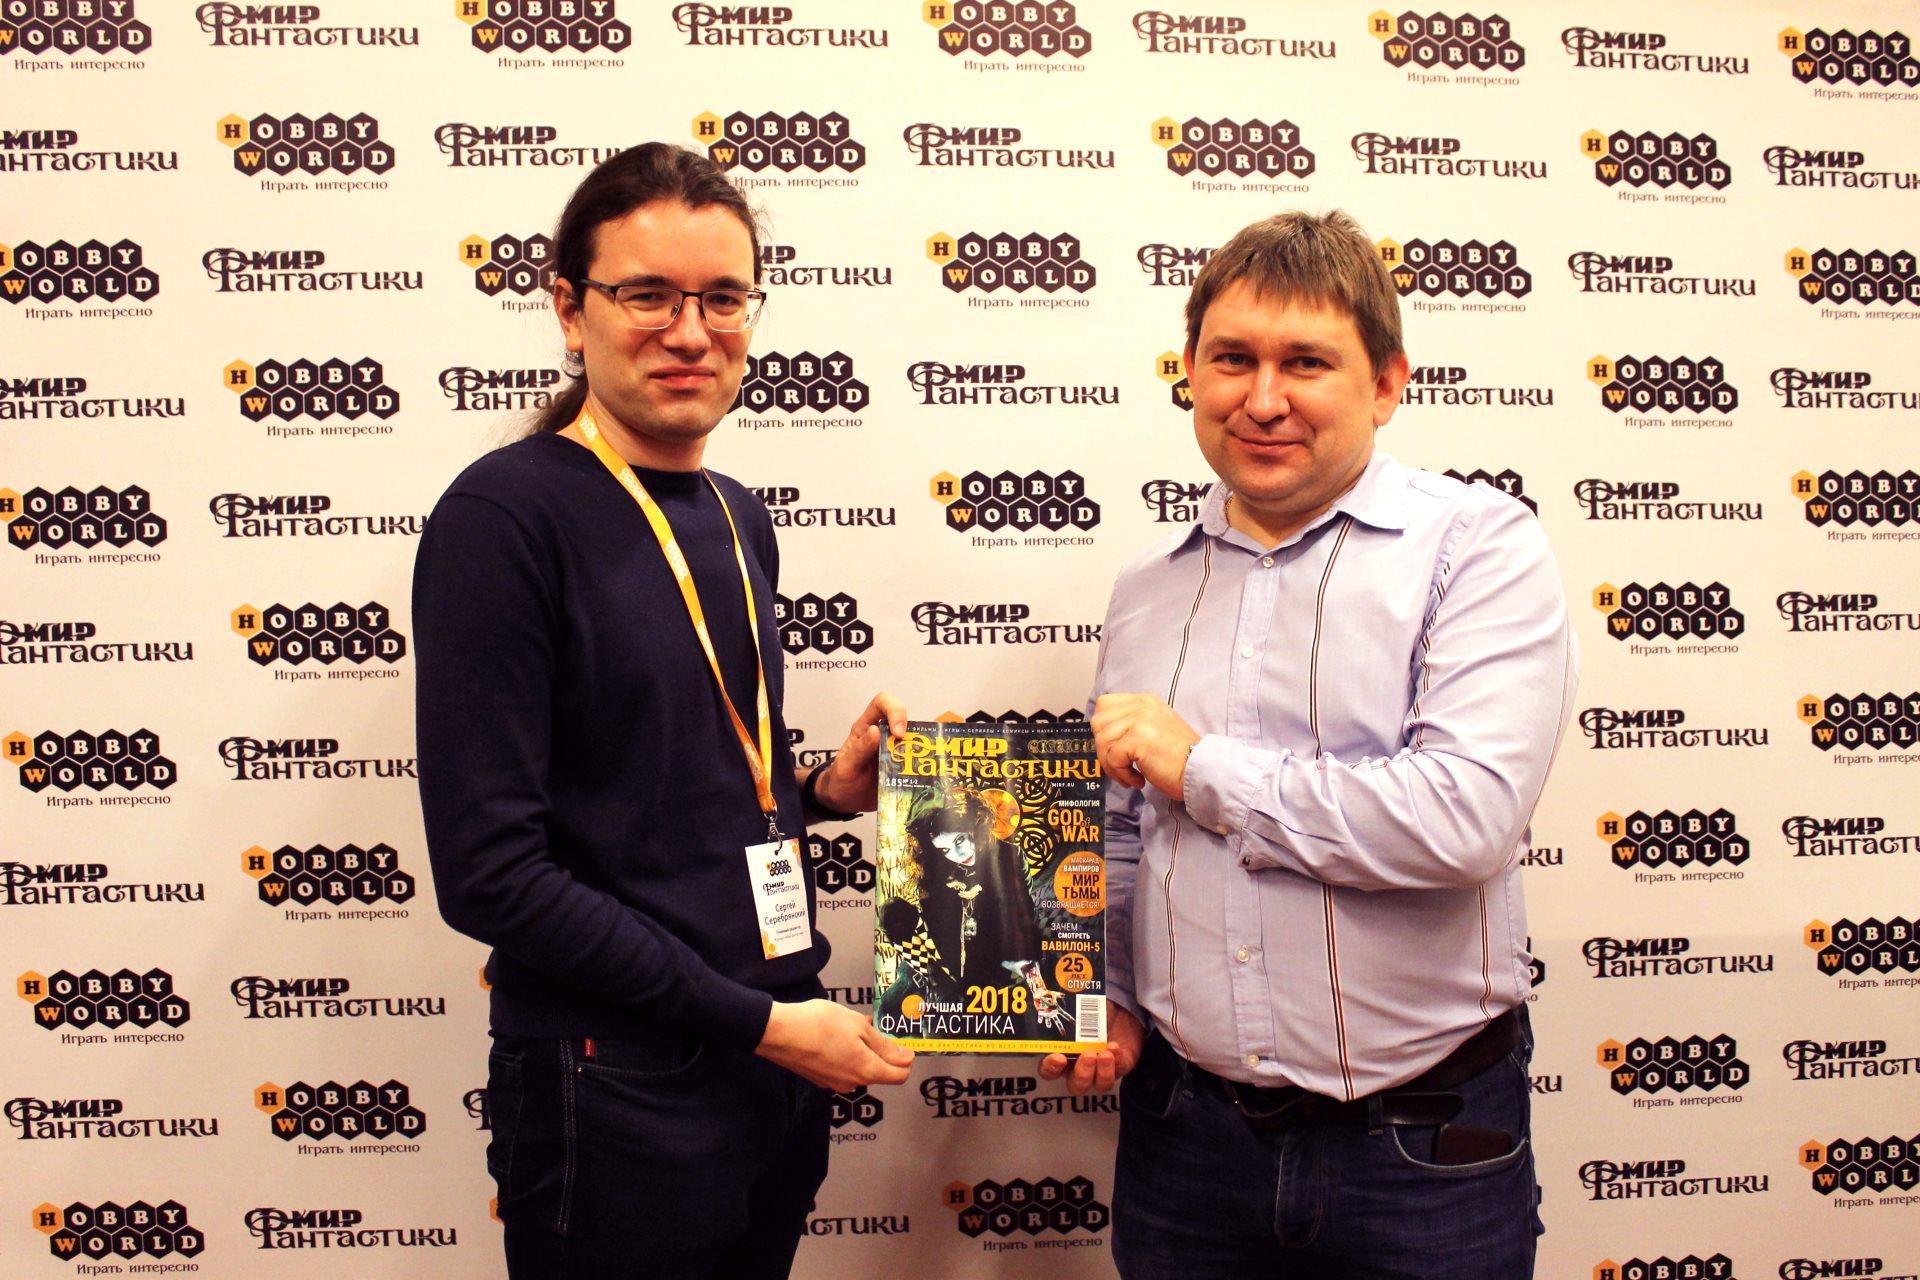 Обновленный Мир фантастики от Hobby World получил первый номер